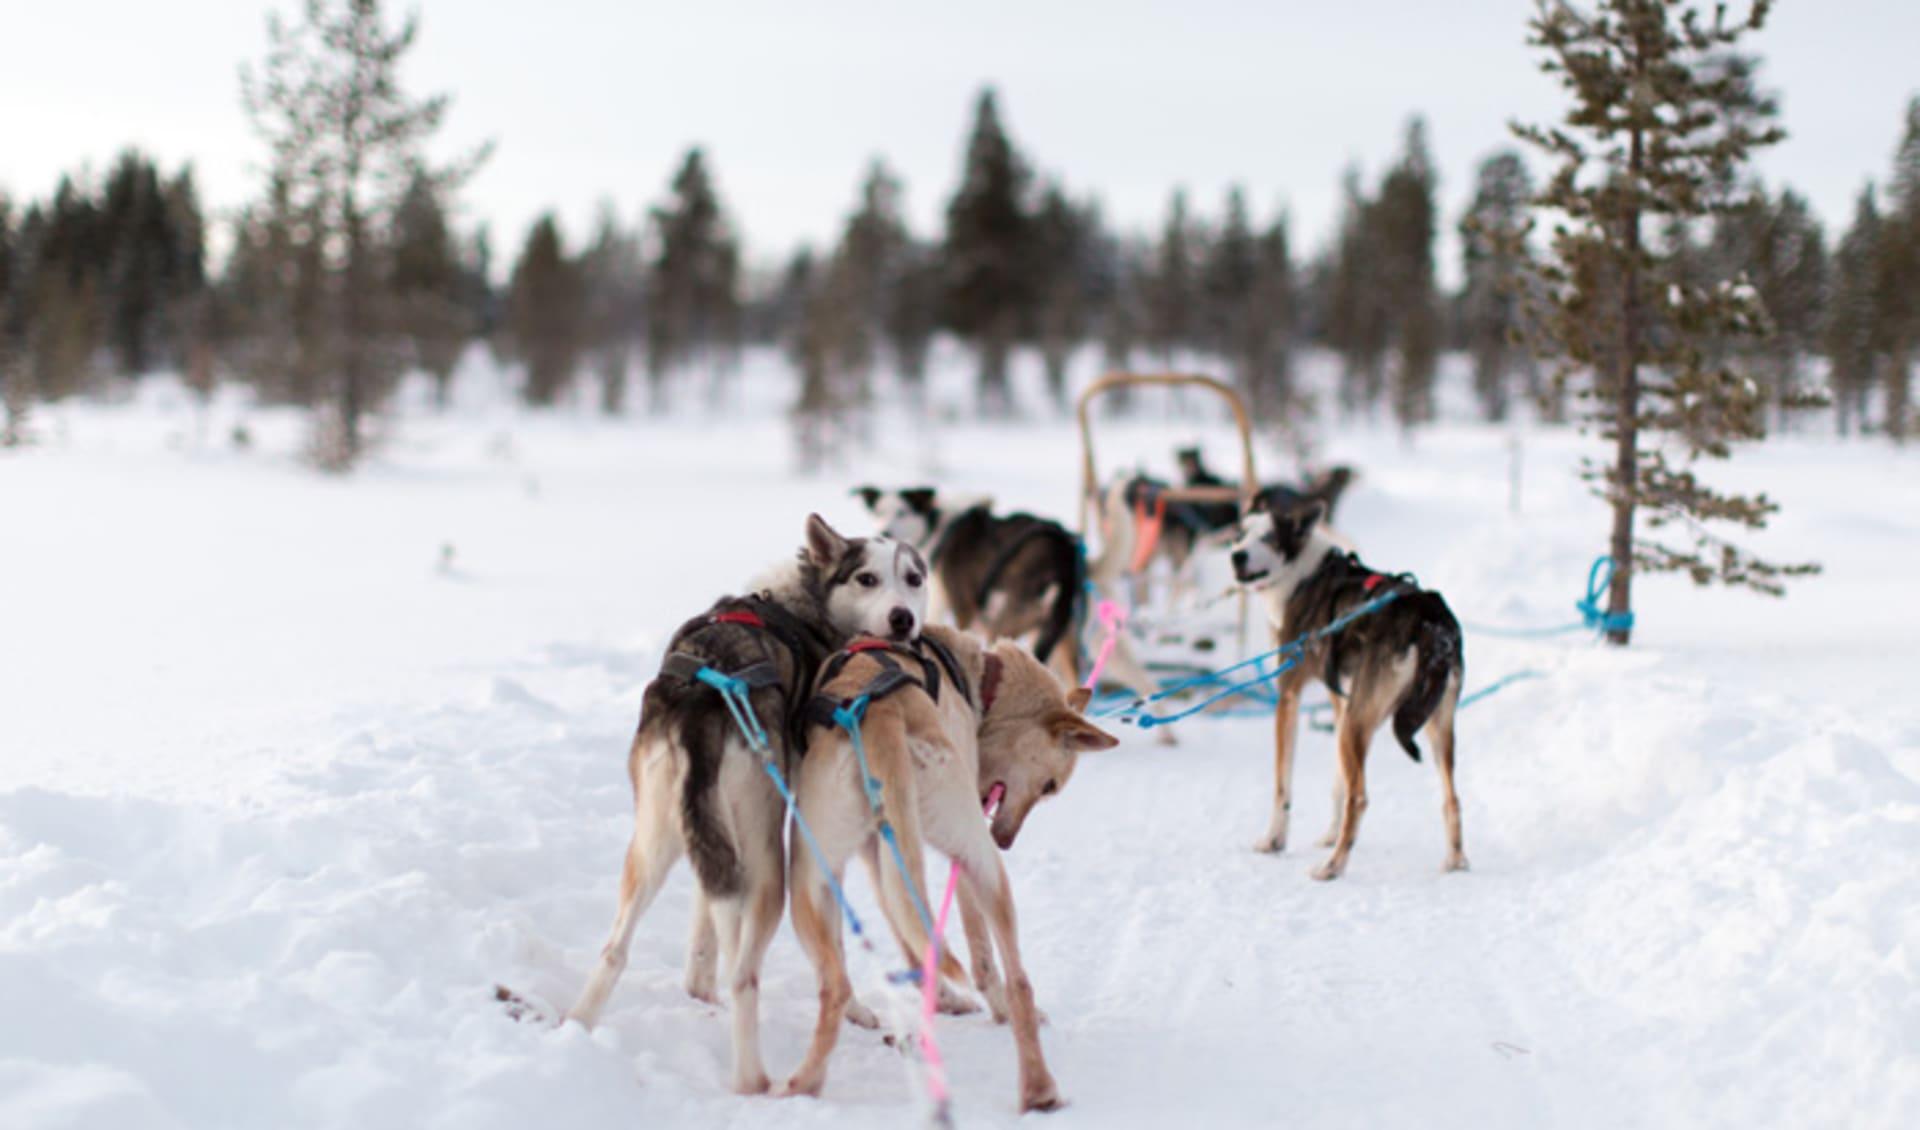 Cute dogs in winter